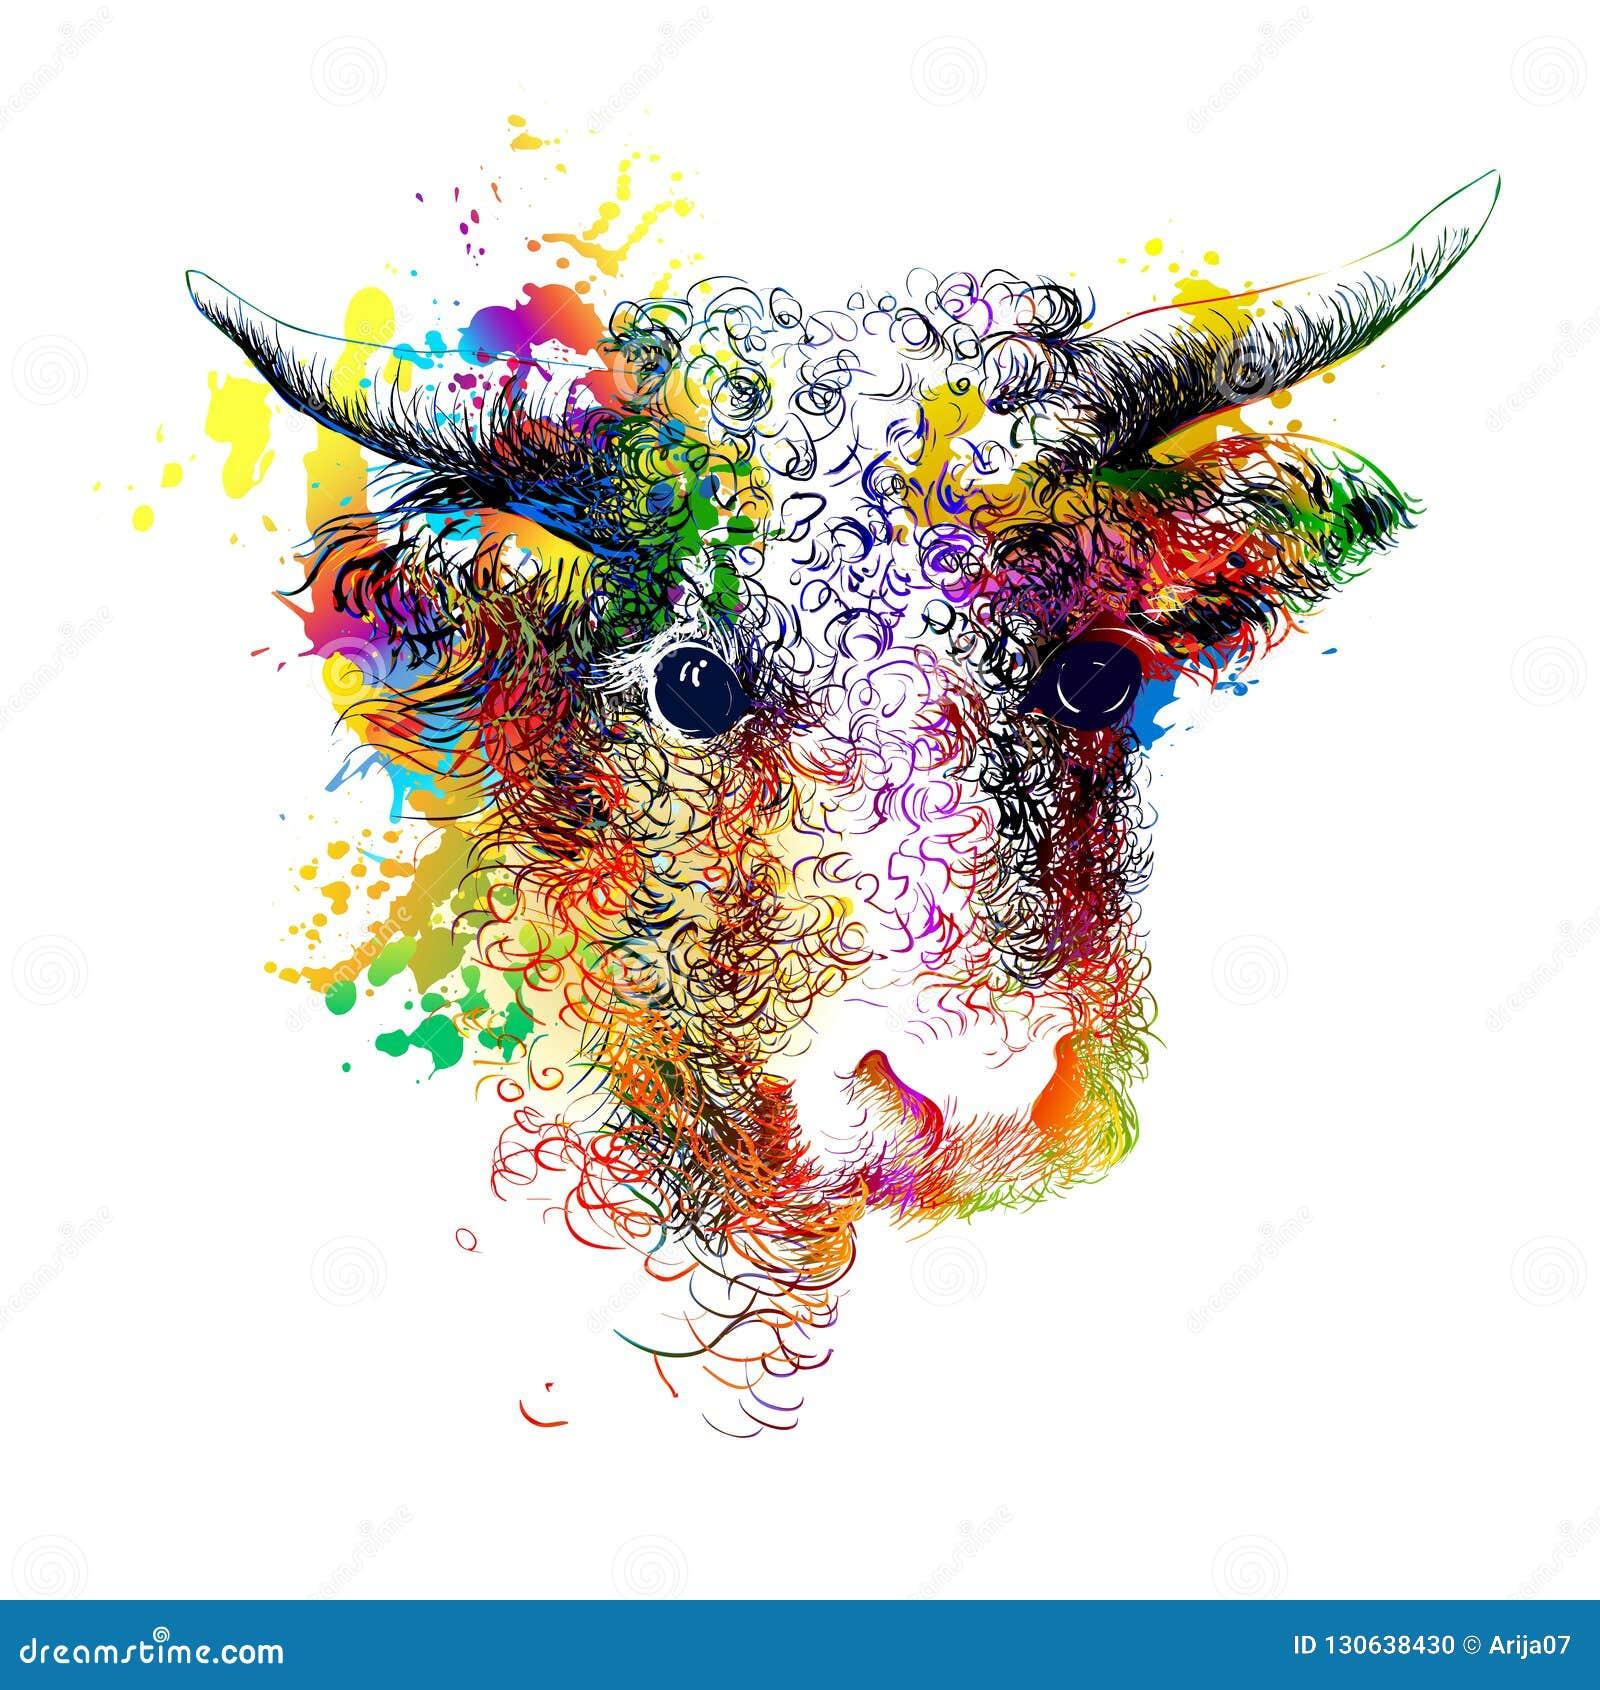 Taureau, vache, bison, portrait principal de buffle Peinture colorée de Digital